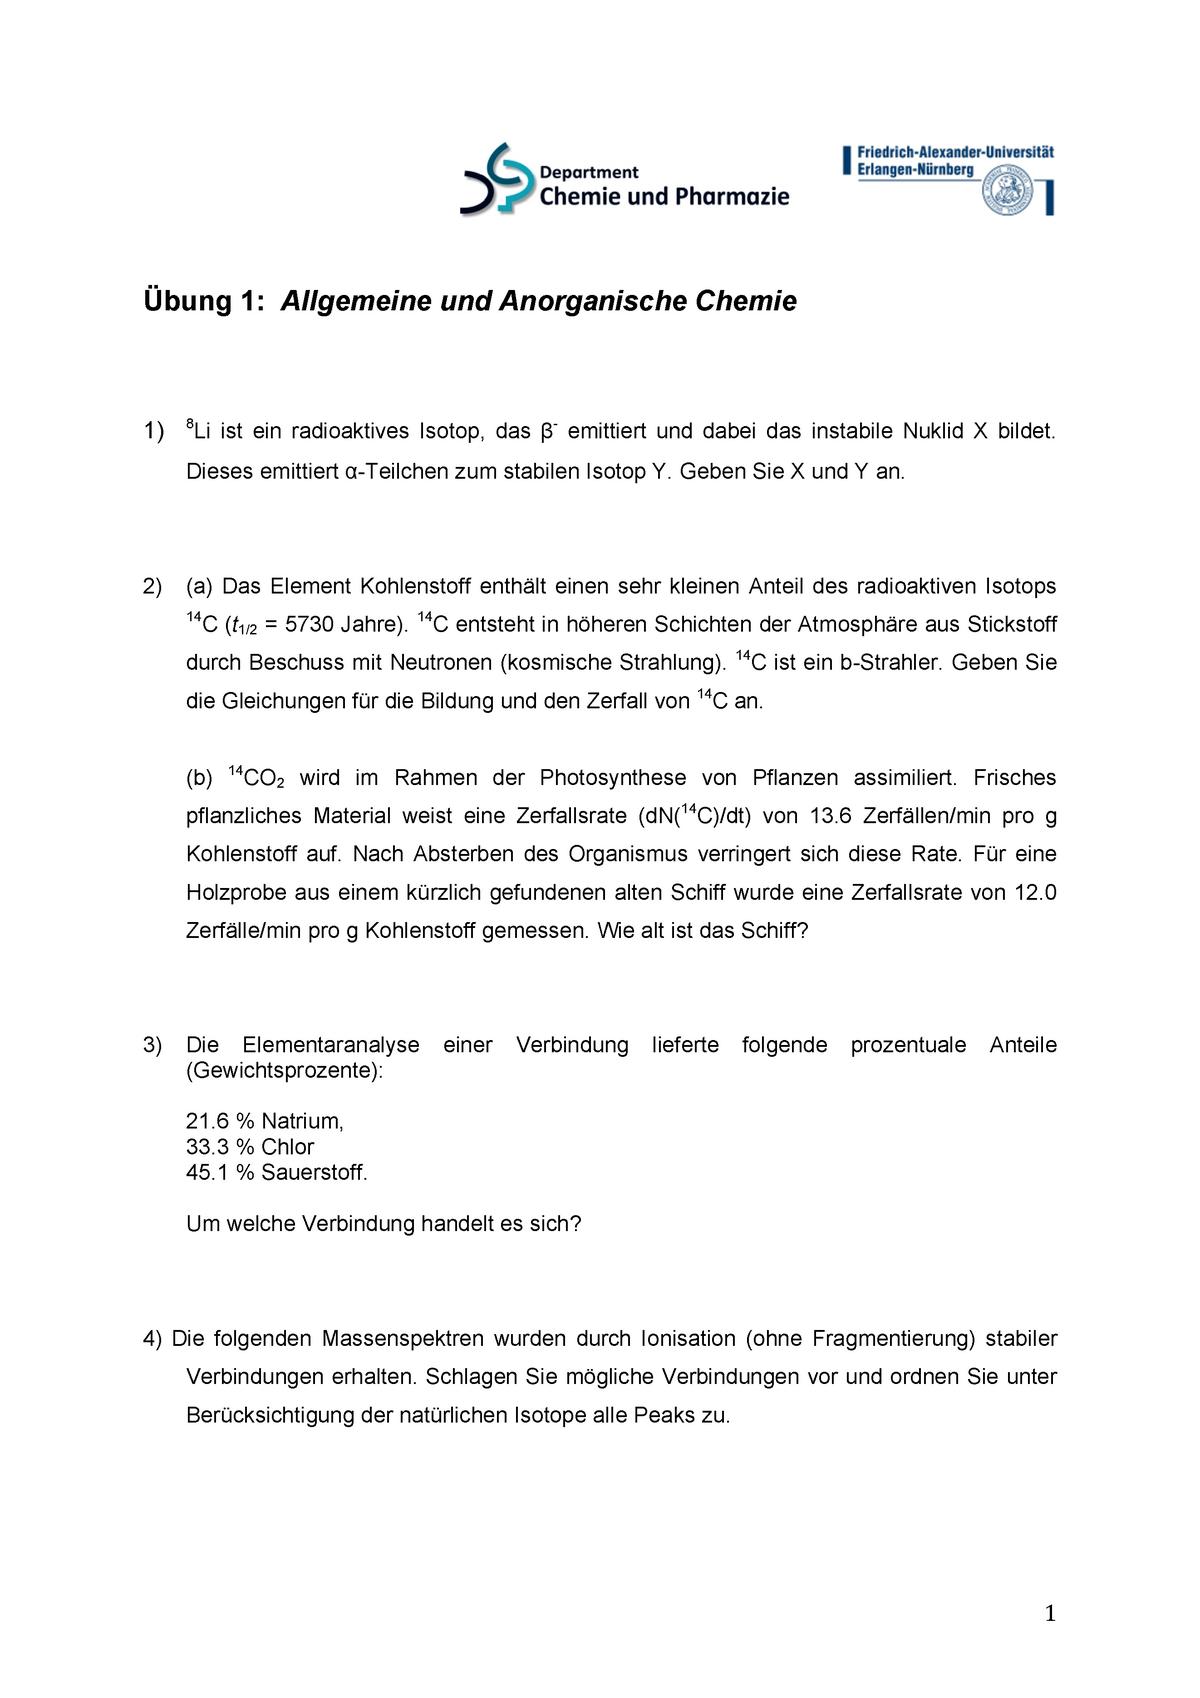 Allgemeine Und Anorganische Chemie übungen Fau Studocu